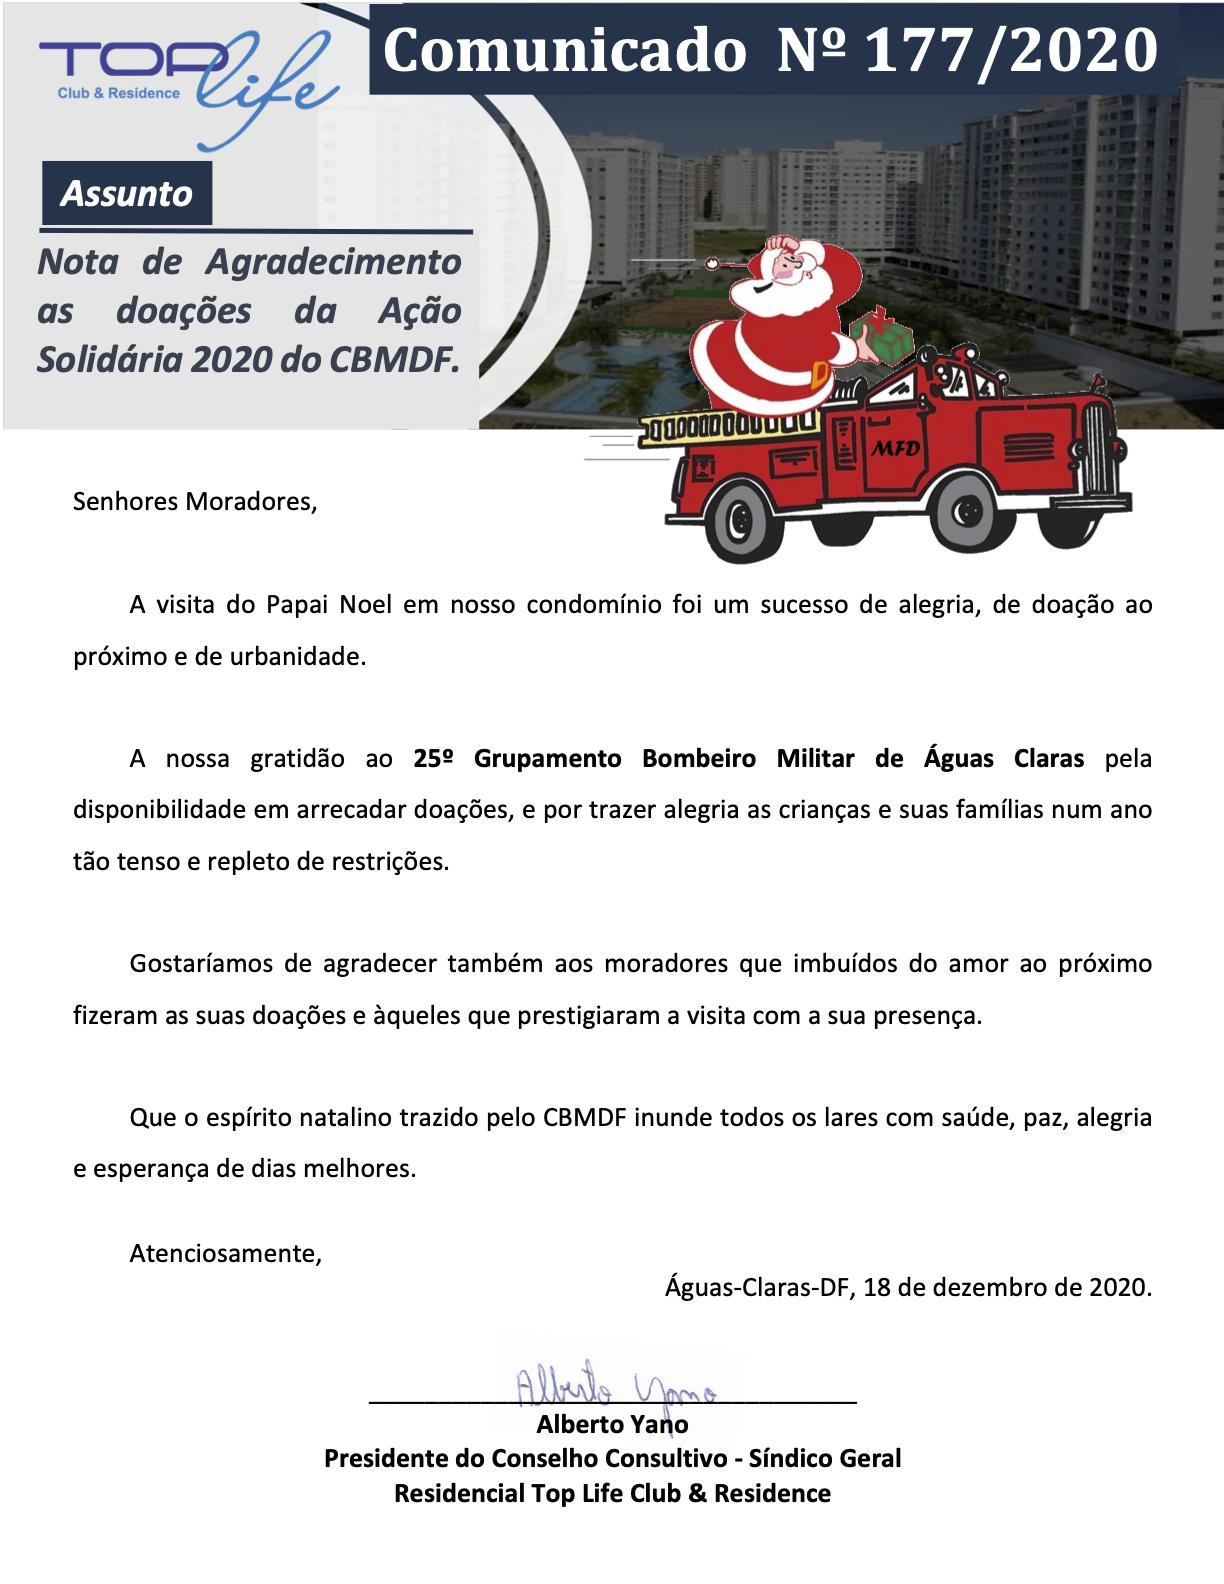 Comunicado 177/2020 - Nota de Agradecimento Ação Solidária 2020 CBMDF